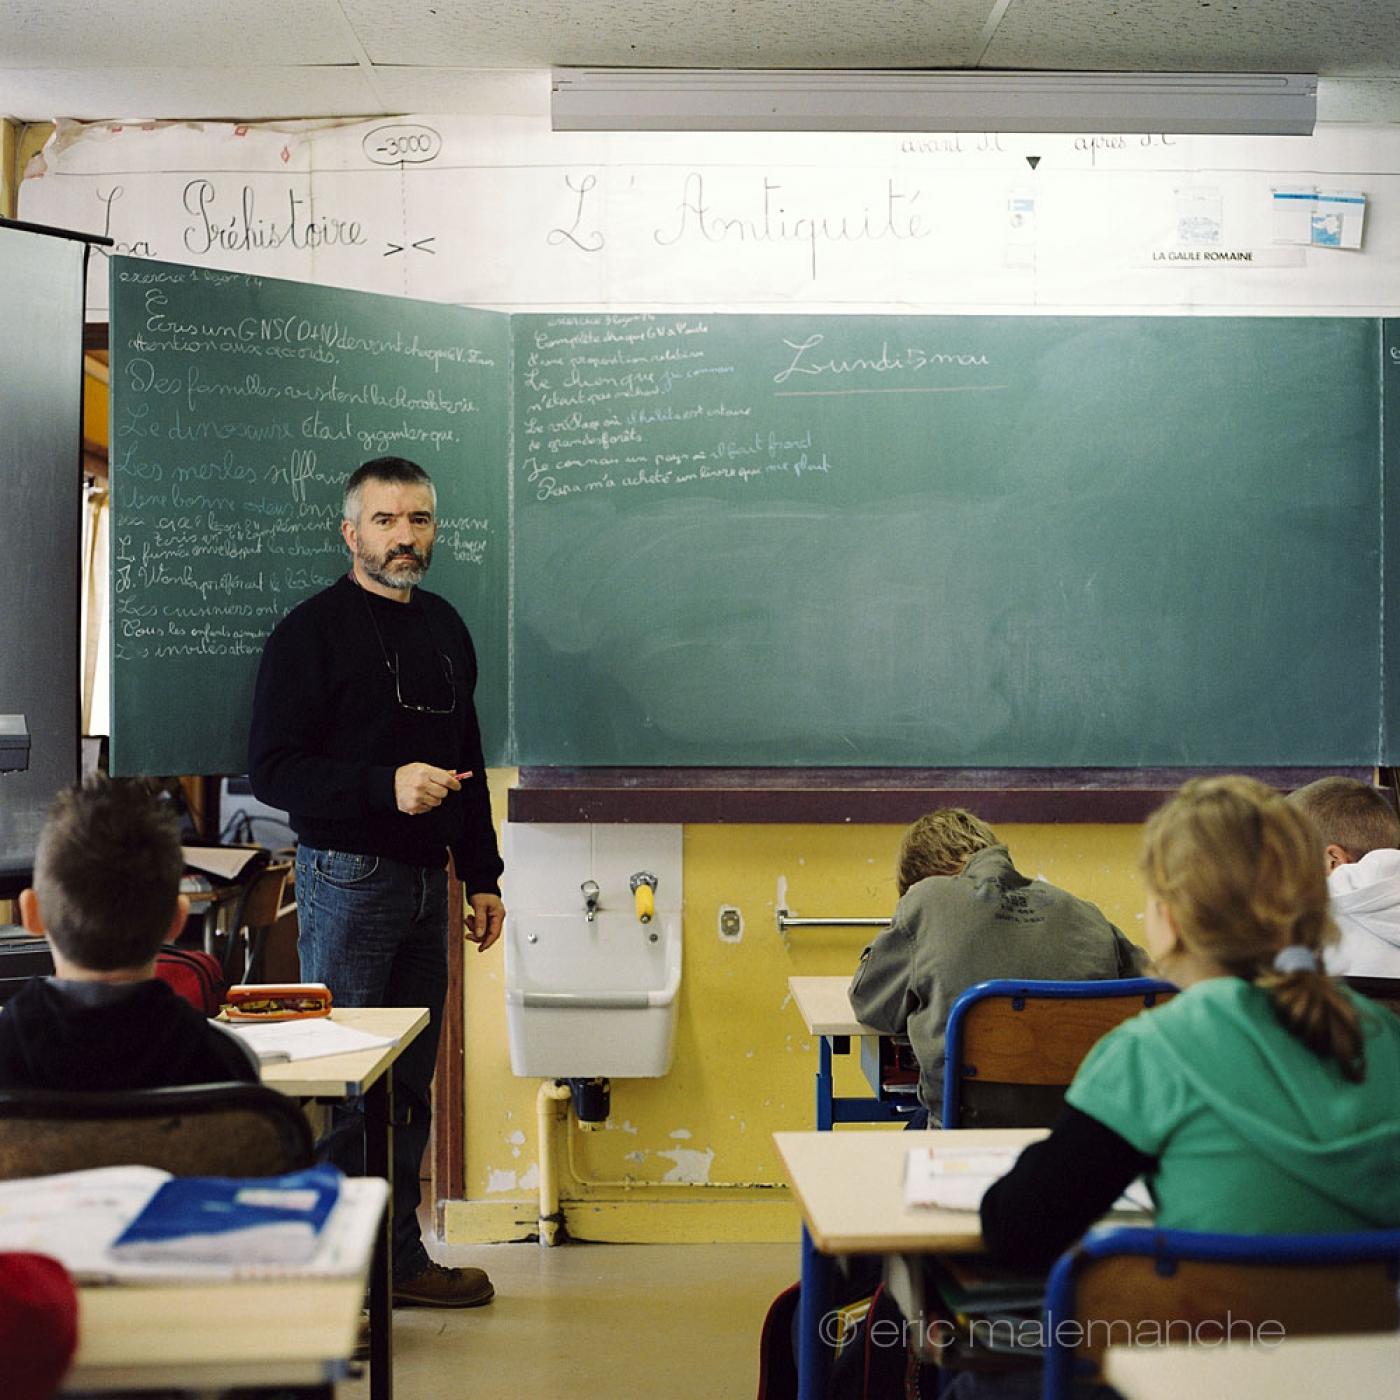 https://www.ericmalemanche.com/imagess/topics/les-bretons-de-l-argoat/liste/Bretons-Malemanche-004.jpg